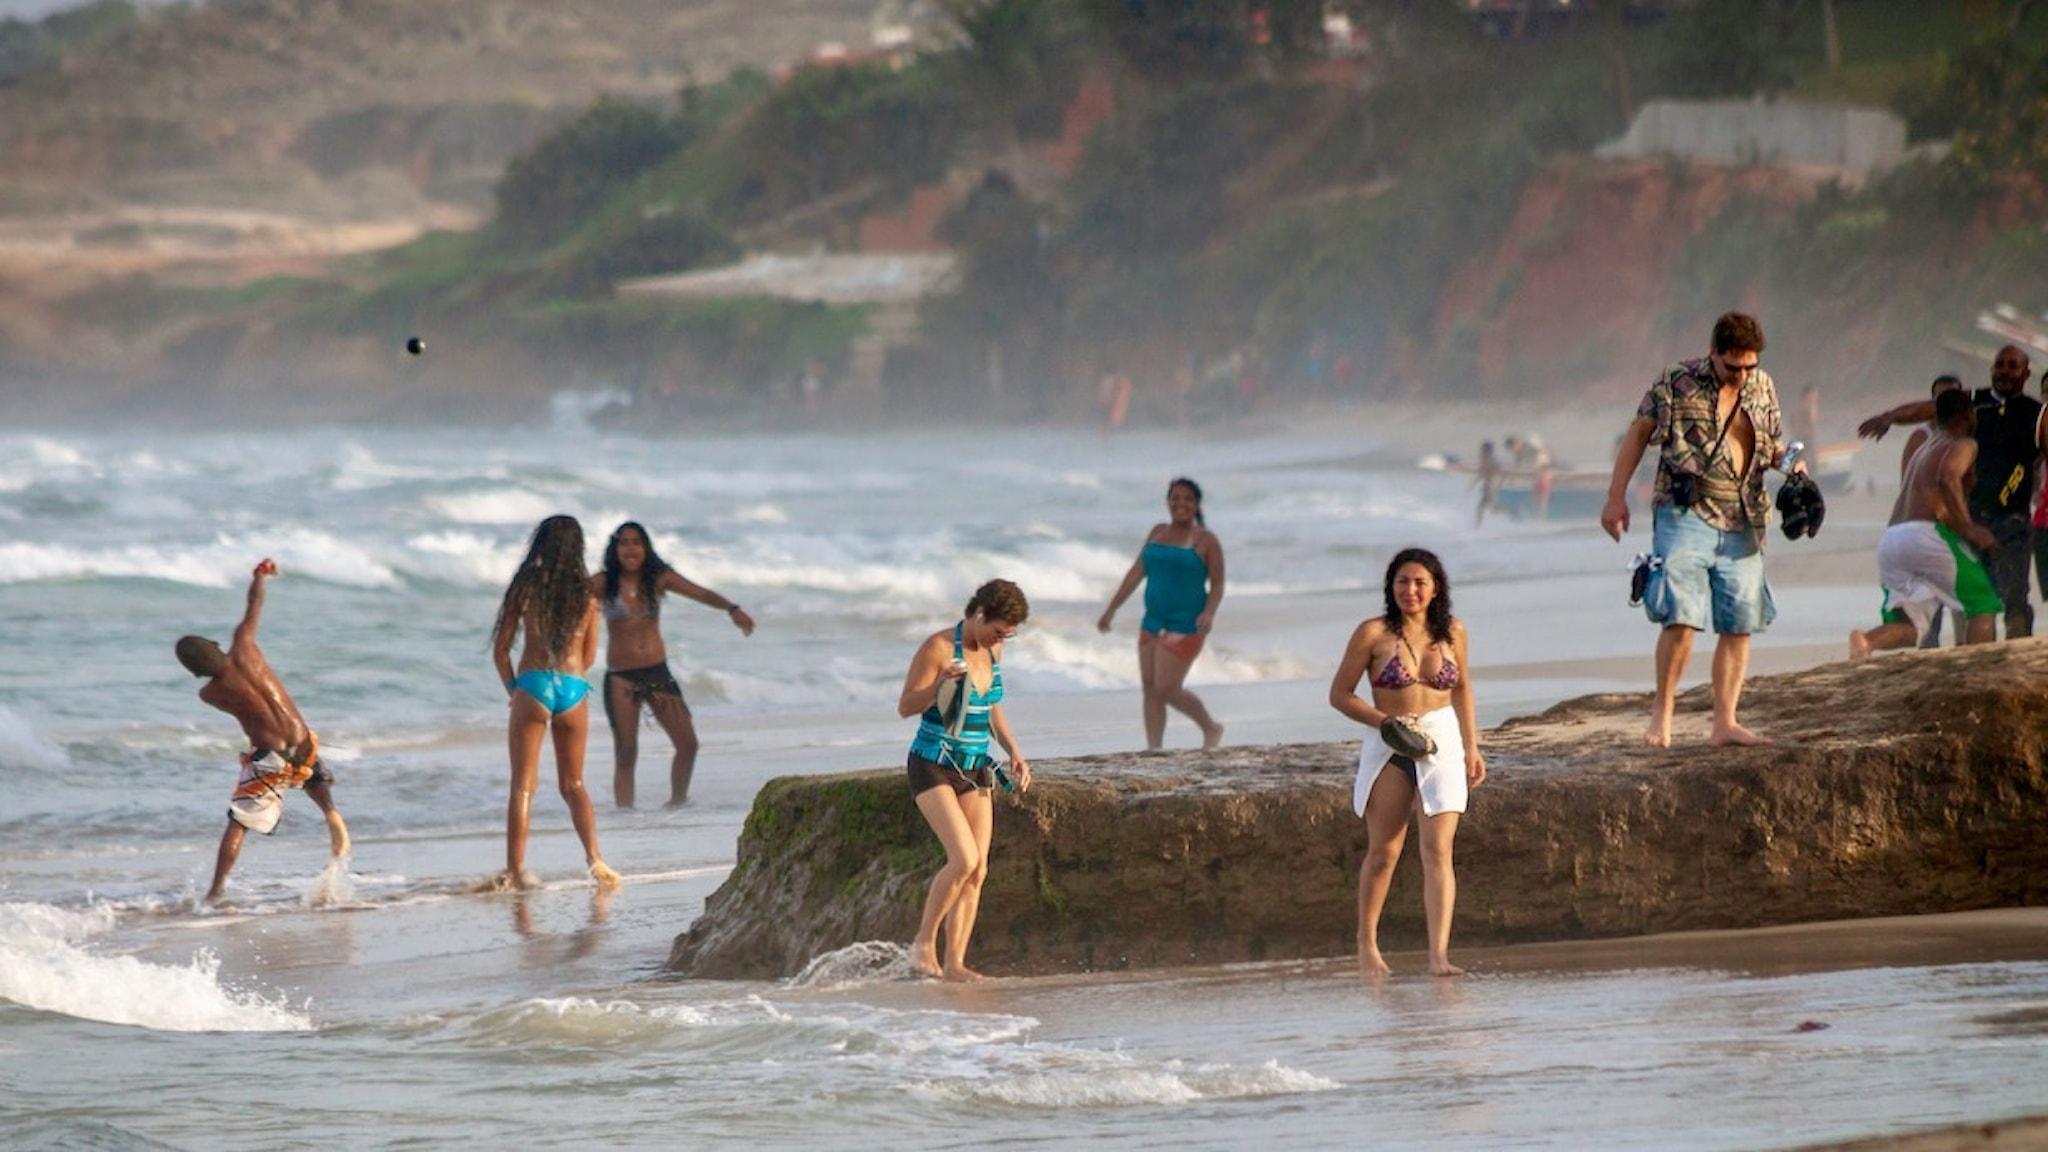 Människor som leker och promenerar på en strand.